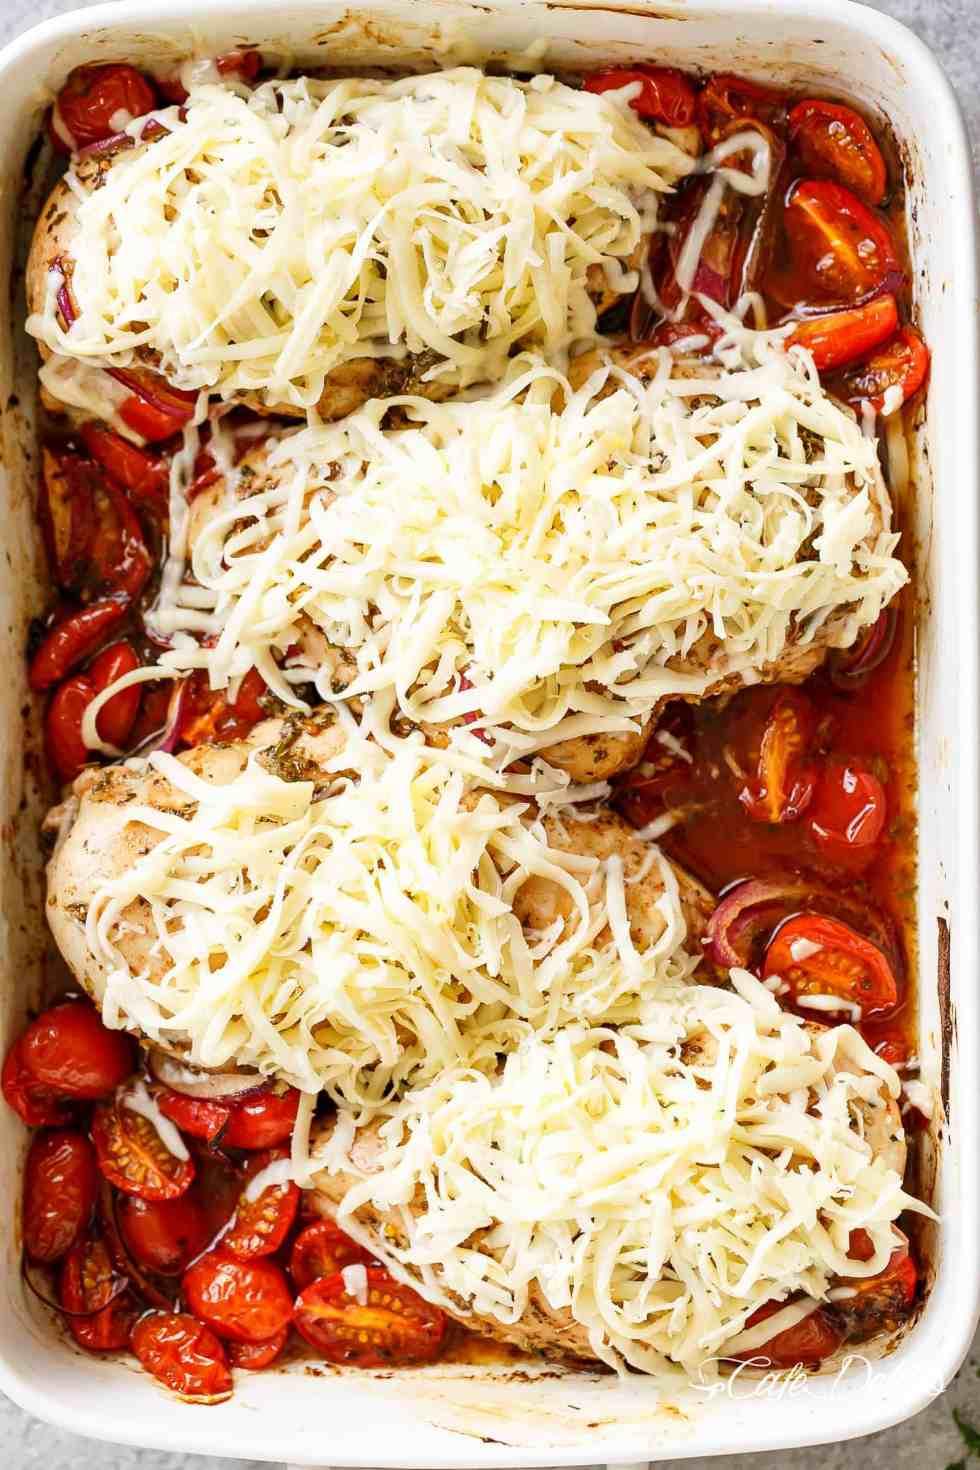 Balsamico Gebackene Hähnchenbrust gerieben mit Knoblauch und Kräutern, tropfend mit einer Tomaten Balsamico Sauce und geschmolzenem Mozzarella Käse! EINFACH Huhn Rezept! | https://cafedelites.com